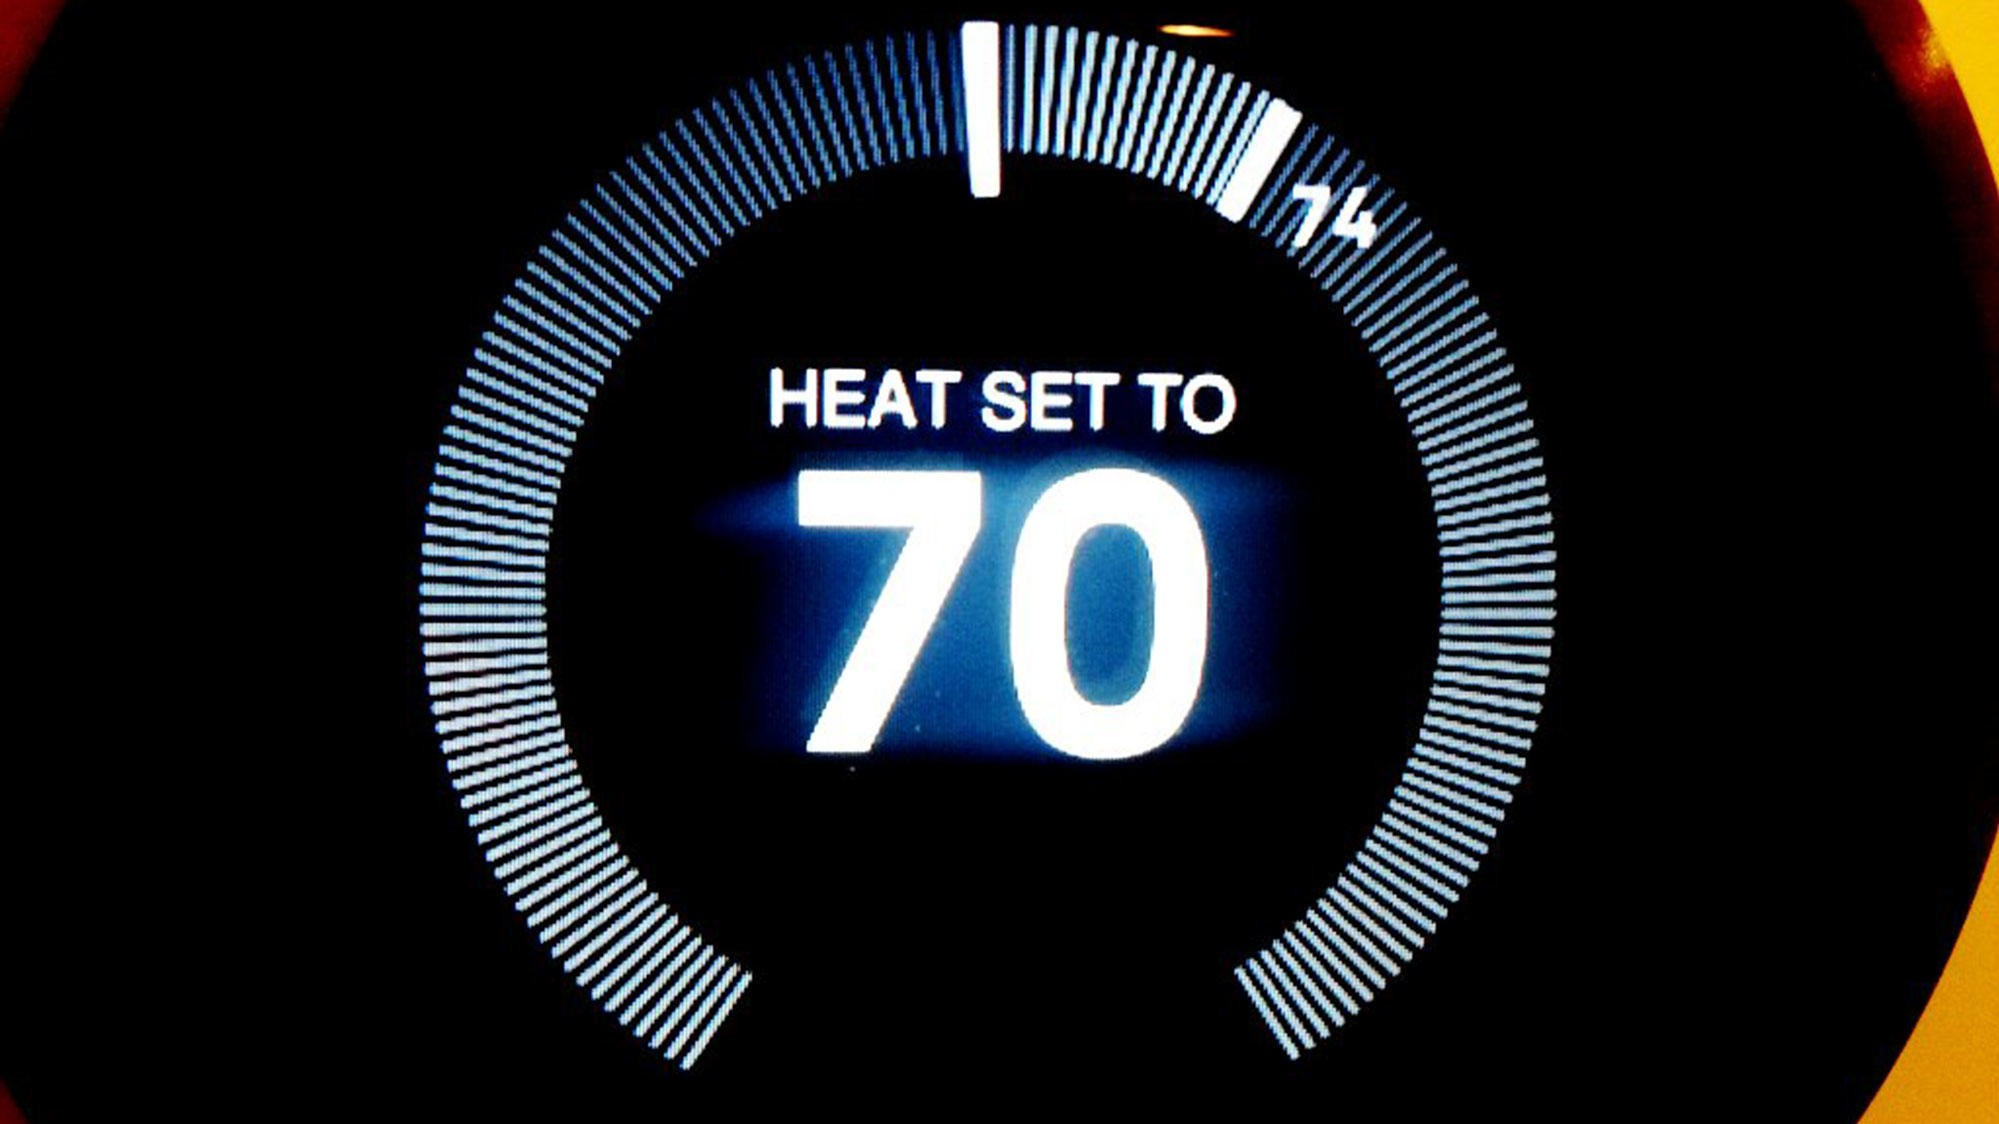 Vet du egentlig hvorfor amerikanerne liker en temperatur rundt 70 grader innendørs?